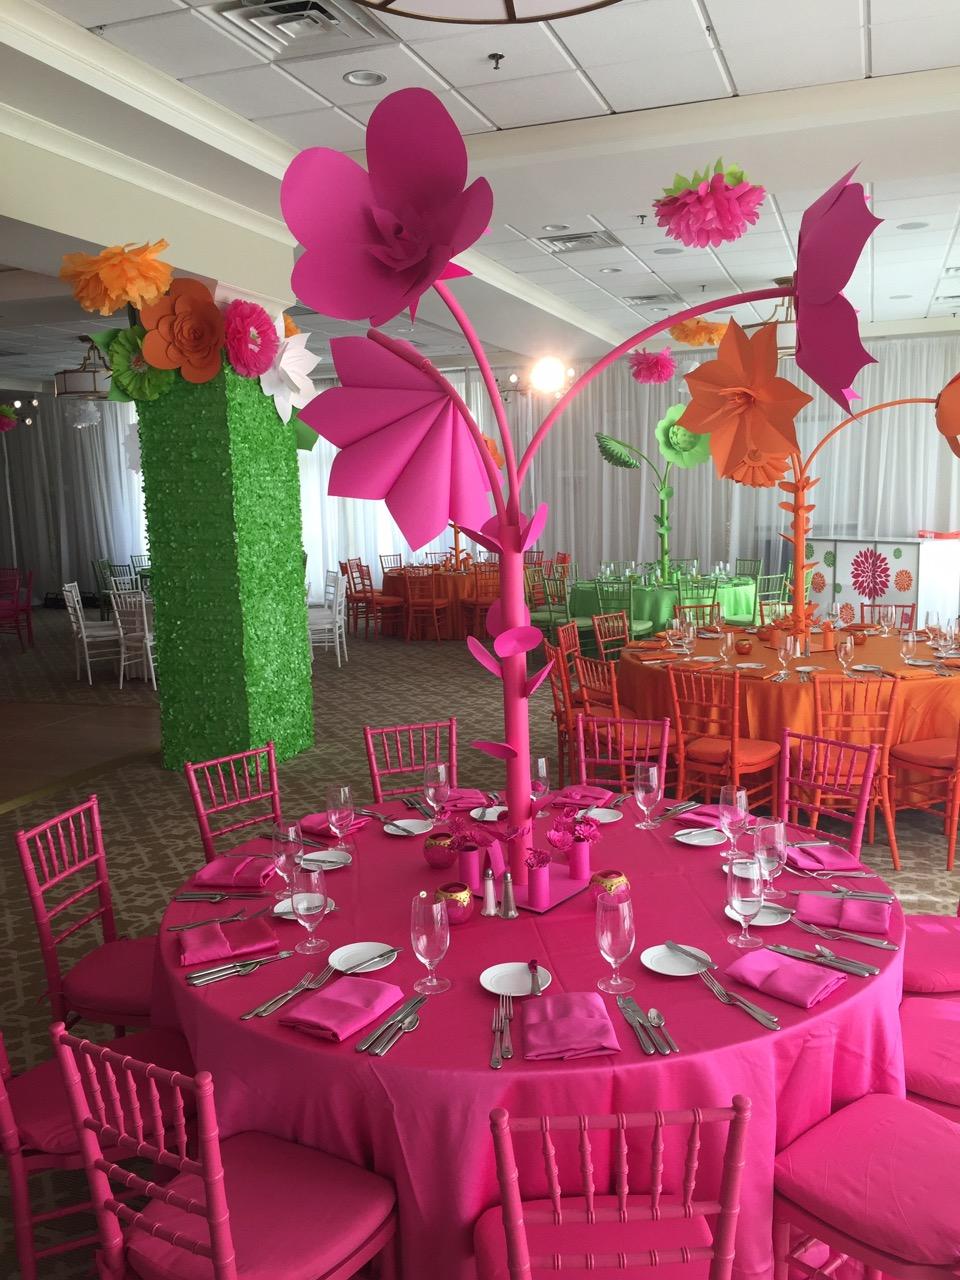 Eggsotic+Events+NJ+Event+Design+Lighting+Decor+Rental++-+15.jpg